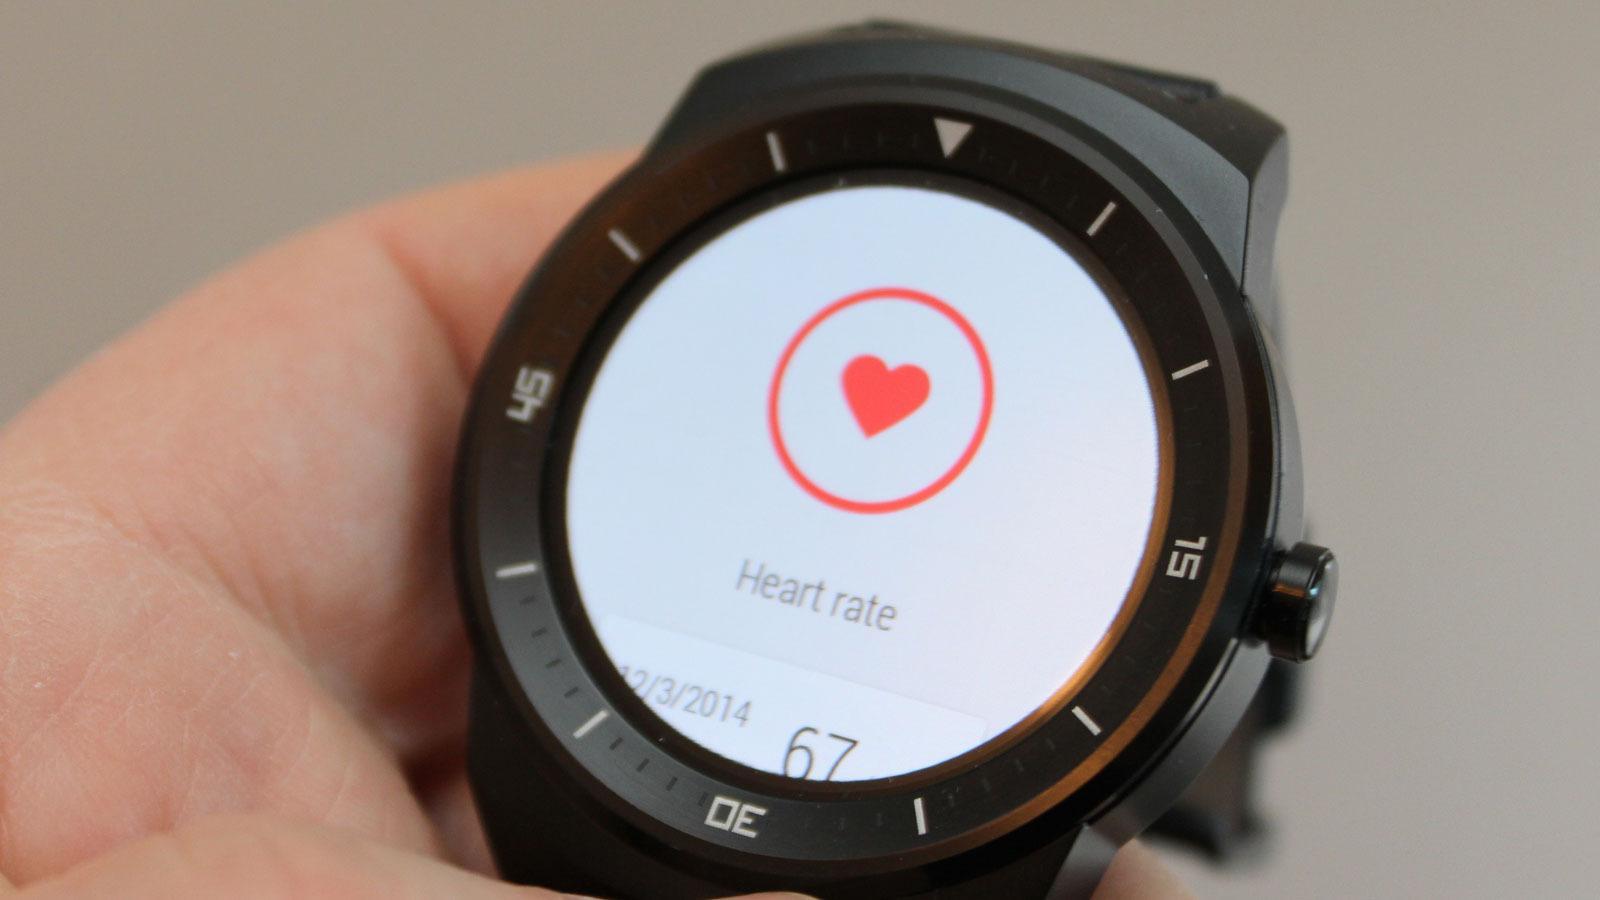 Klokken kan ta pulsen din ved hjelp av en sensor på undersiden av urkassen.Foto: Espen Irwing Swang, Tek.no